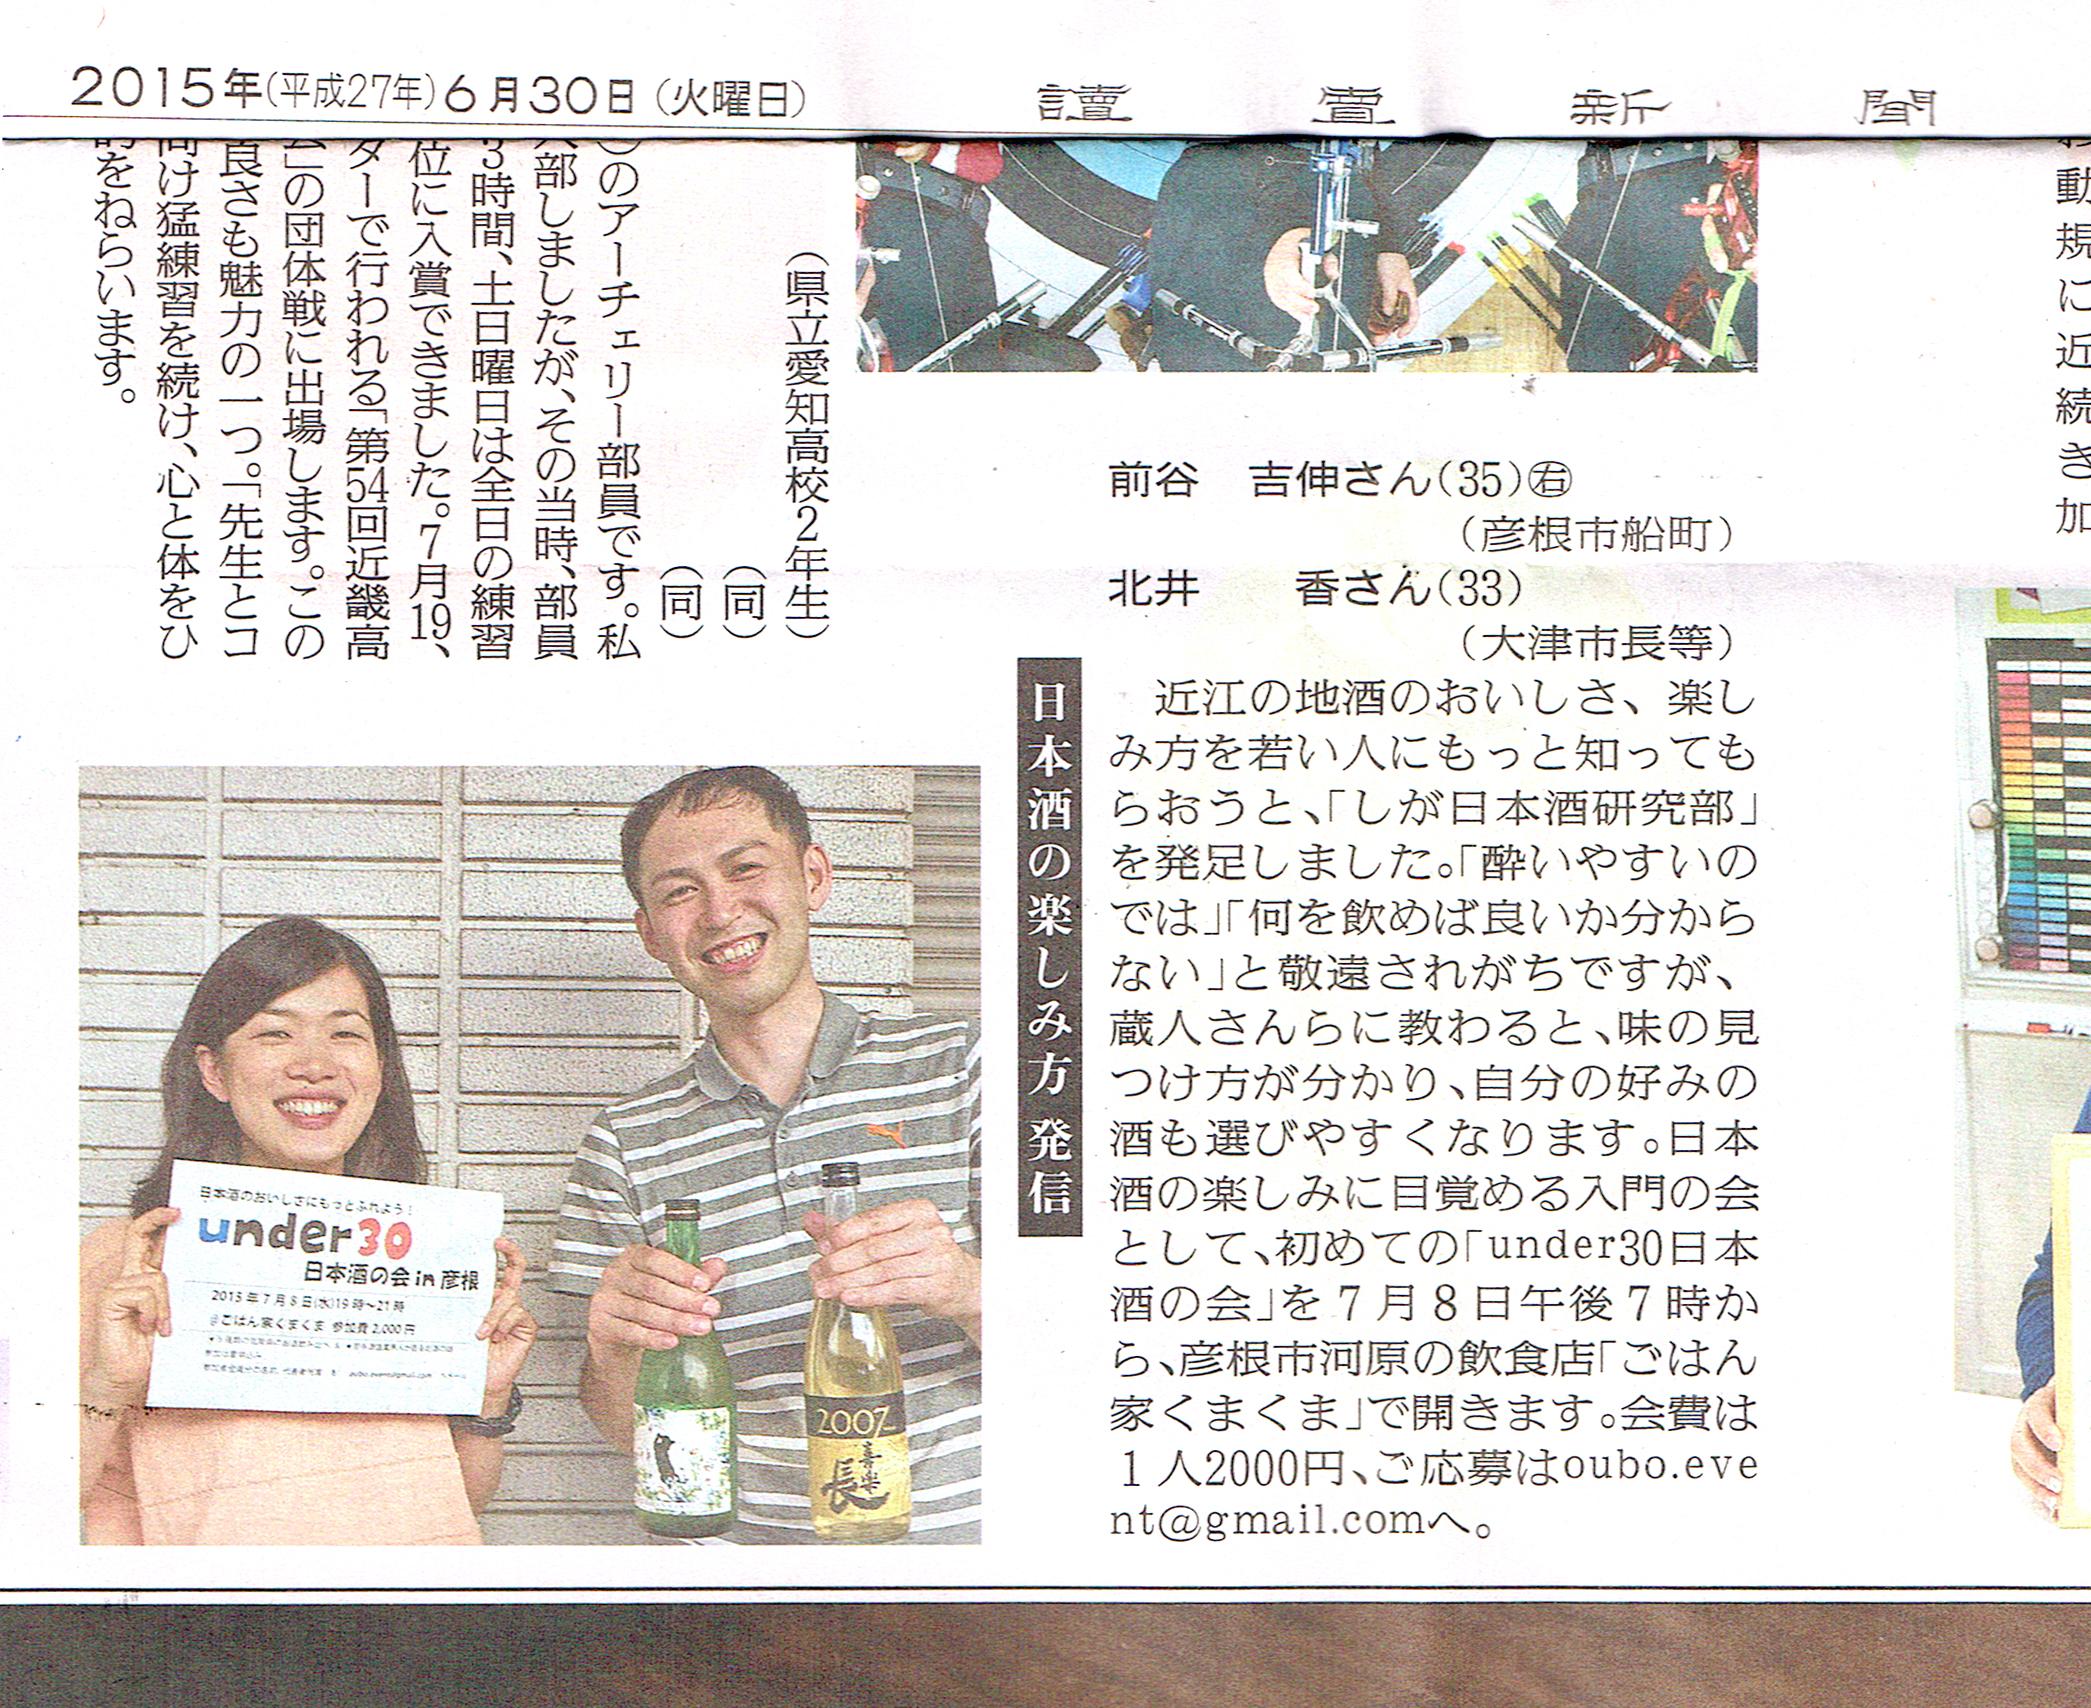 under30 日本酒の会#11記事